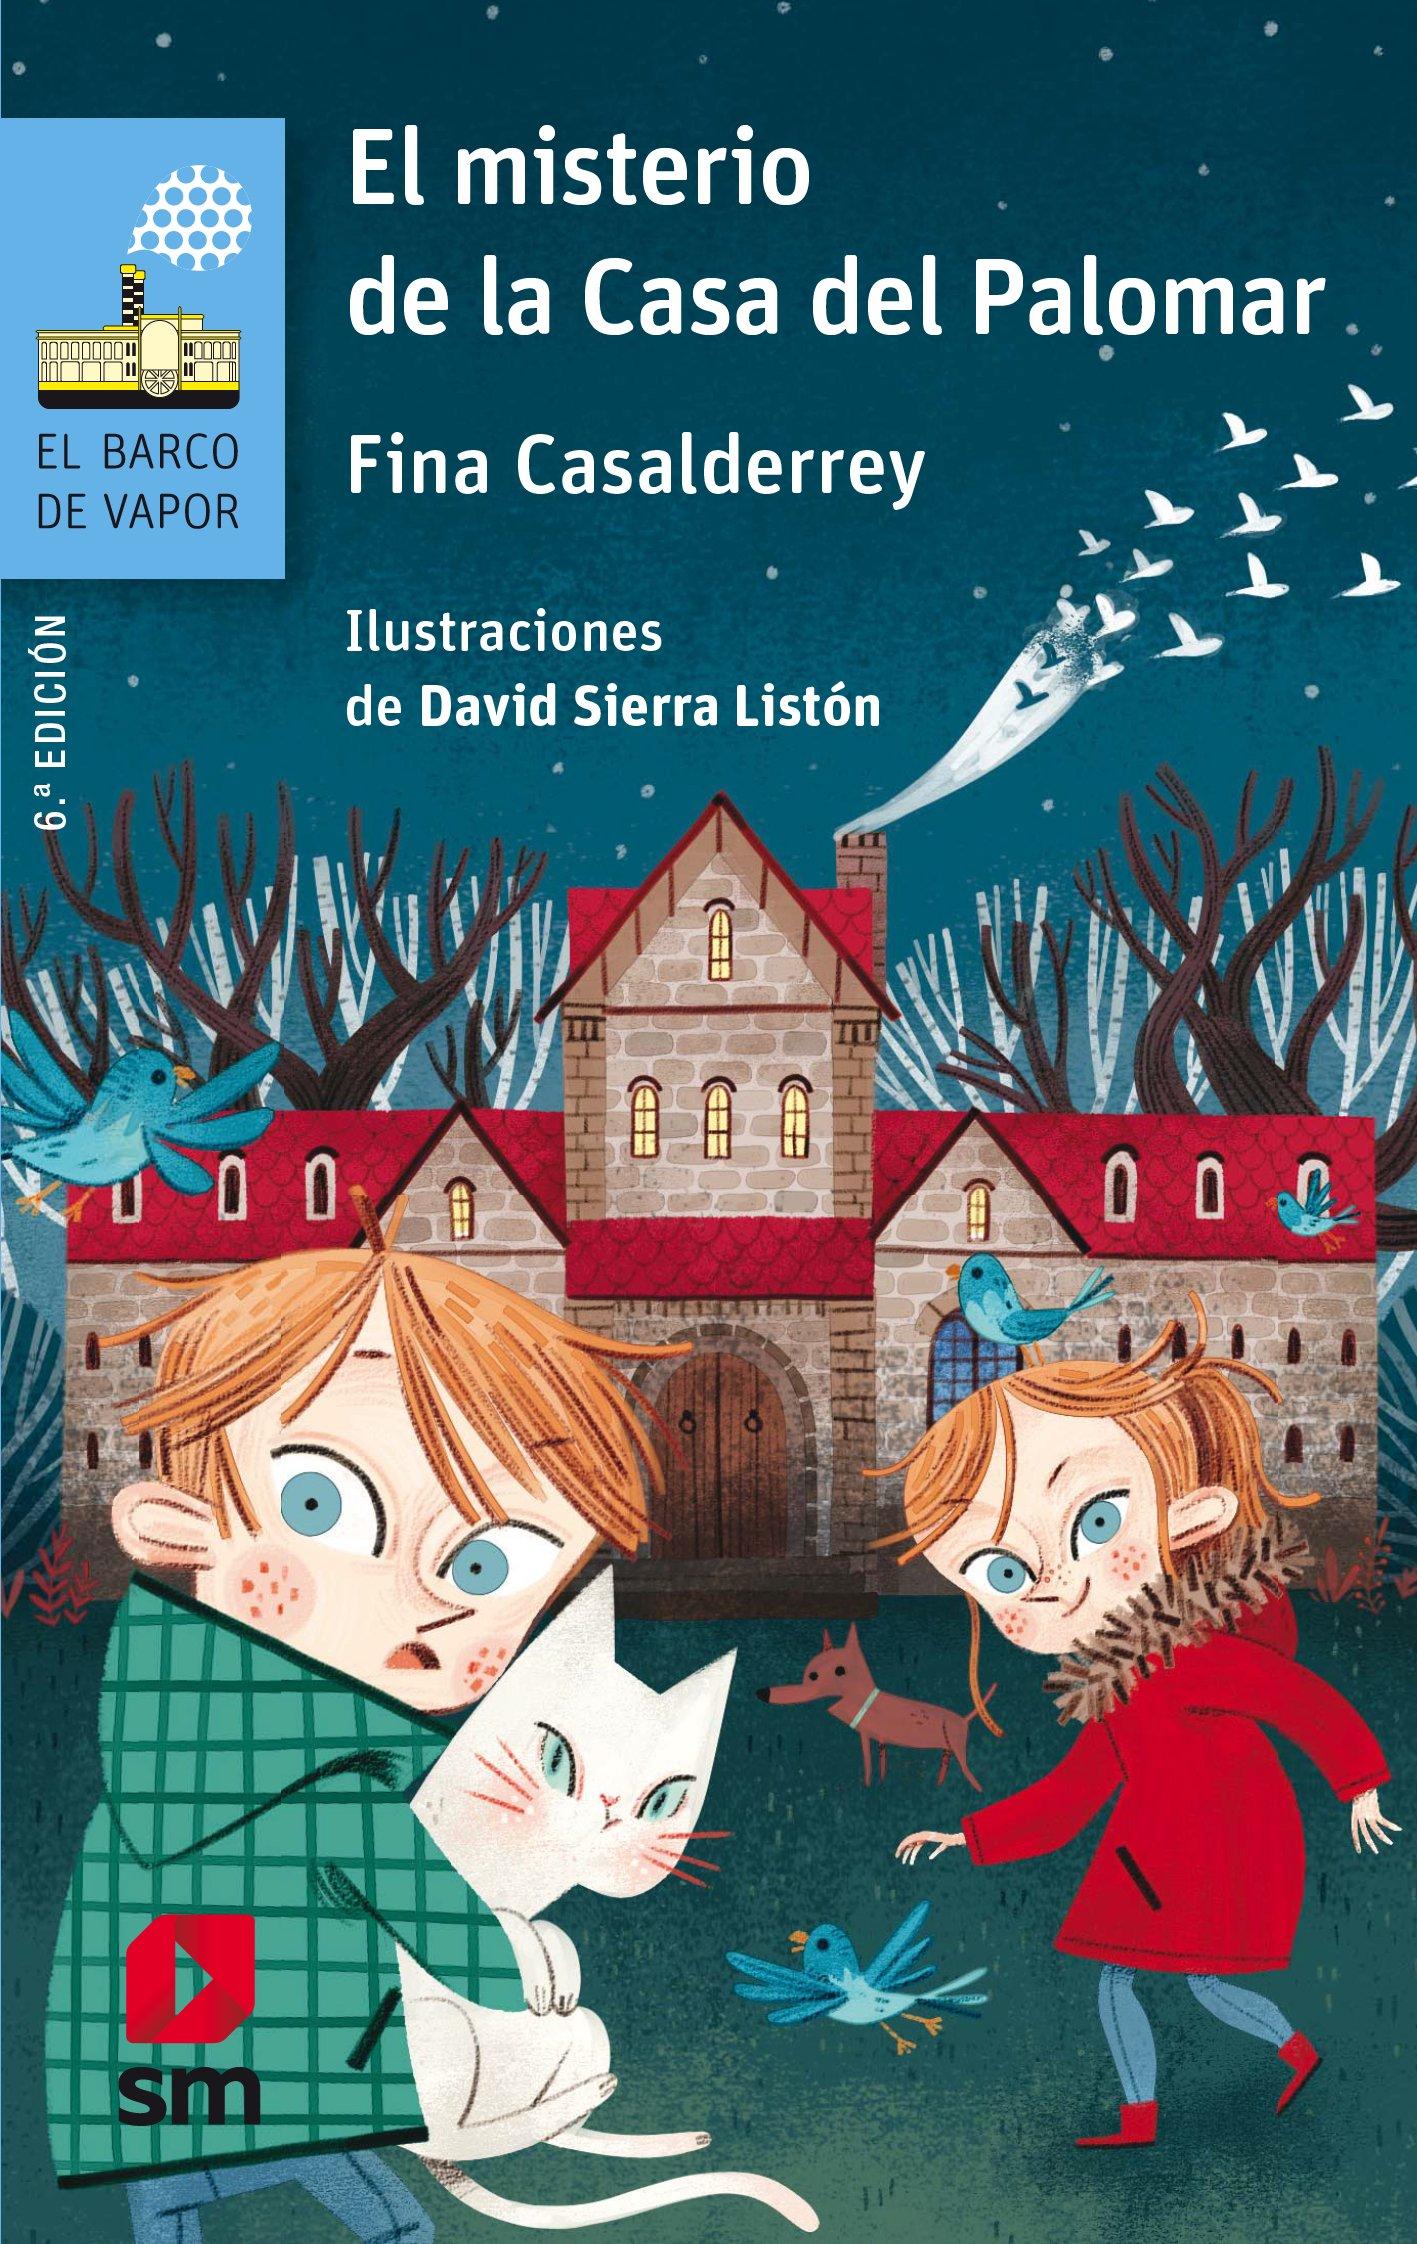 El misterio de la Casa del Palomar - 2018. Fina Casalderrey. SM.